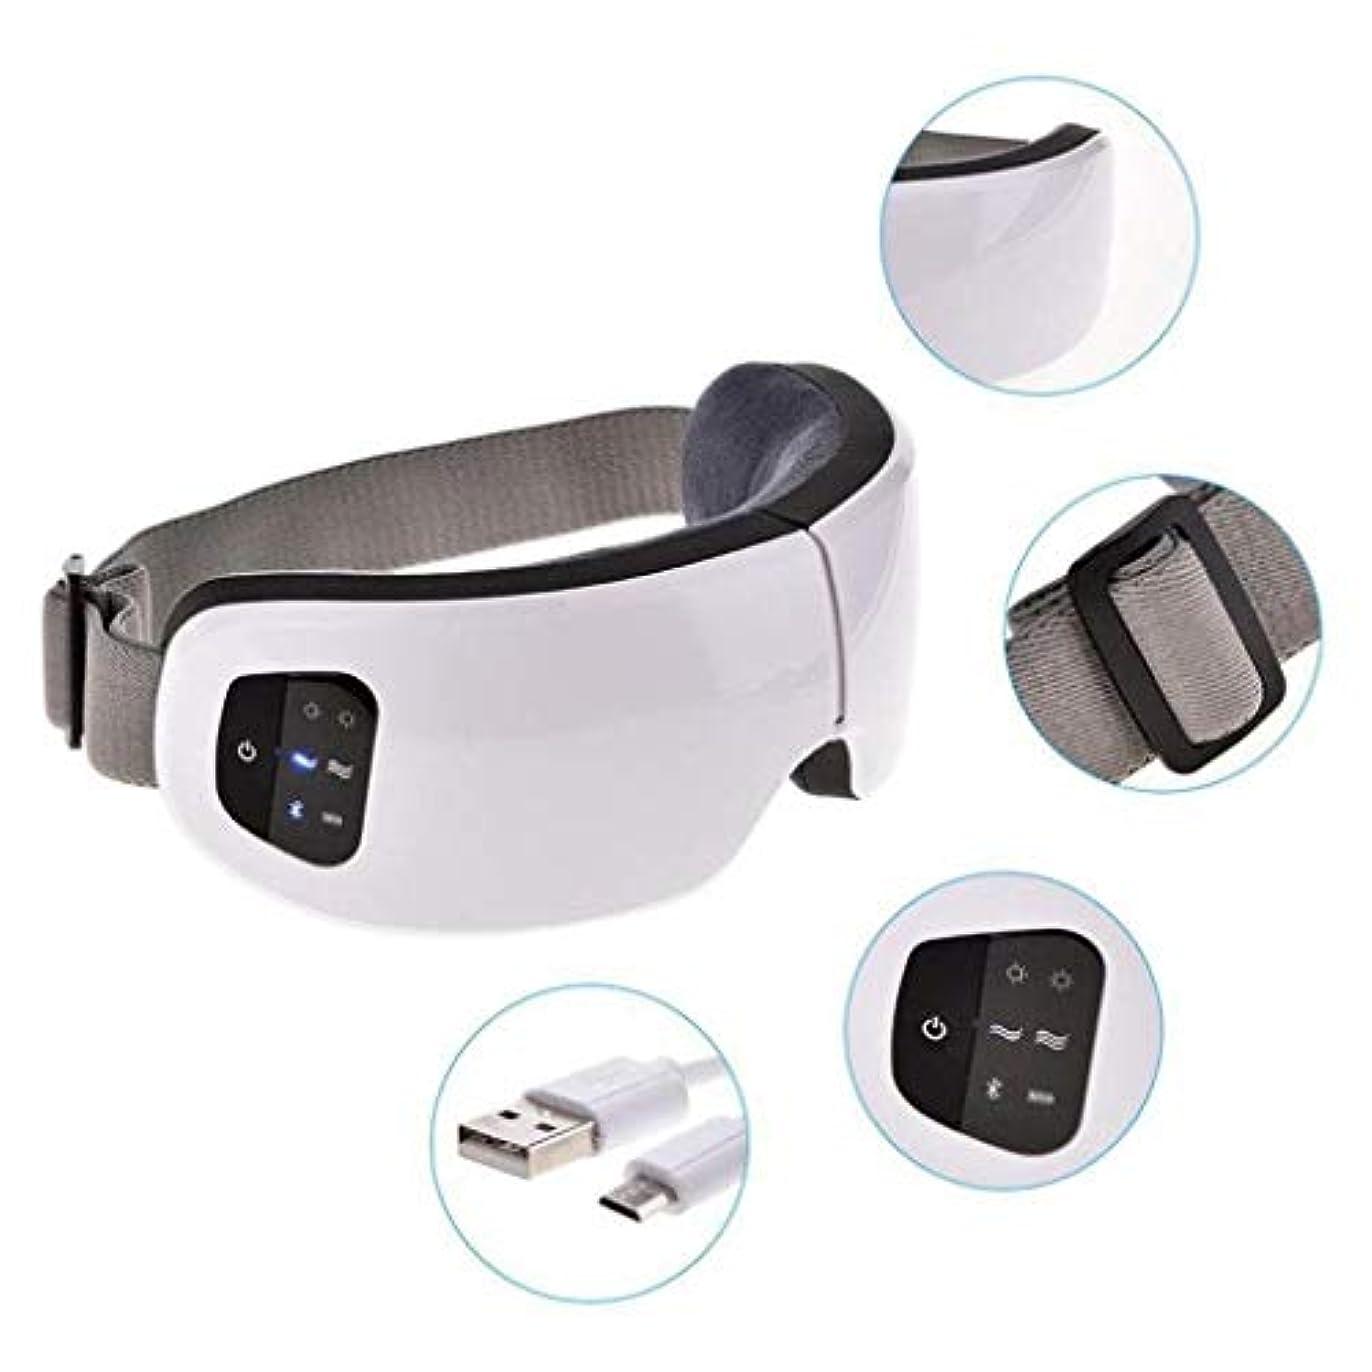 泣くヘッドレス敷居ホットプレス充電式ワイヤレスアイマッサージャーマスク空気圧振動とBluetooth機能付きアイバッグ、ダークサークル、アイ疲労、ドライアイ